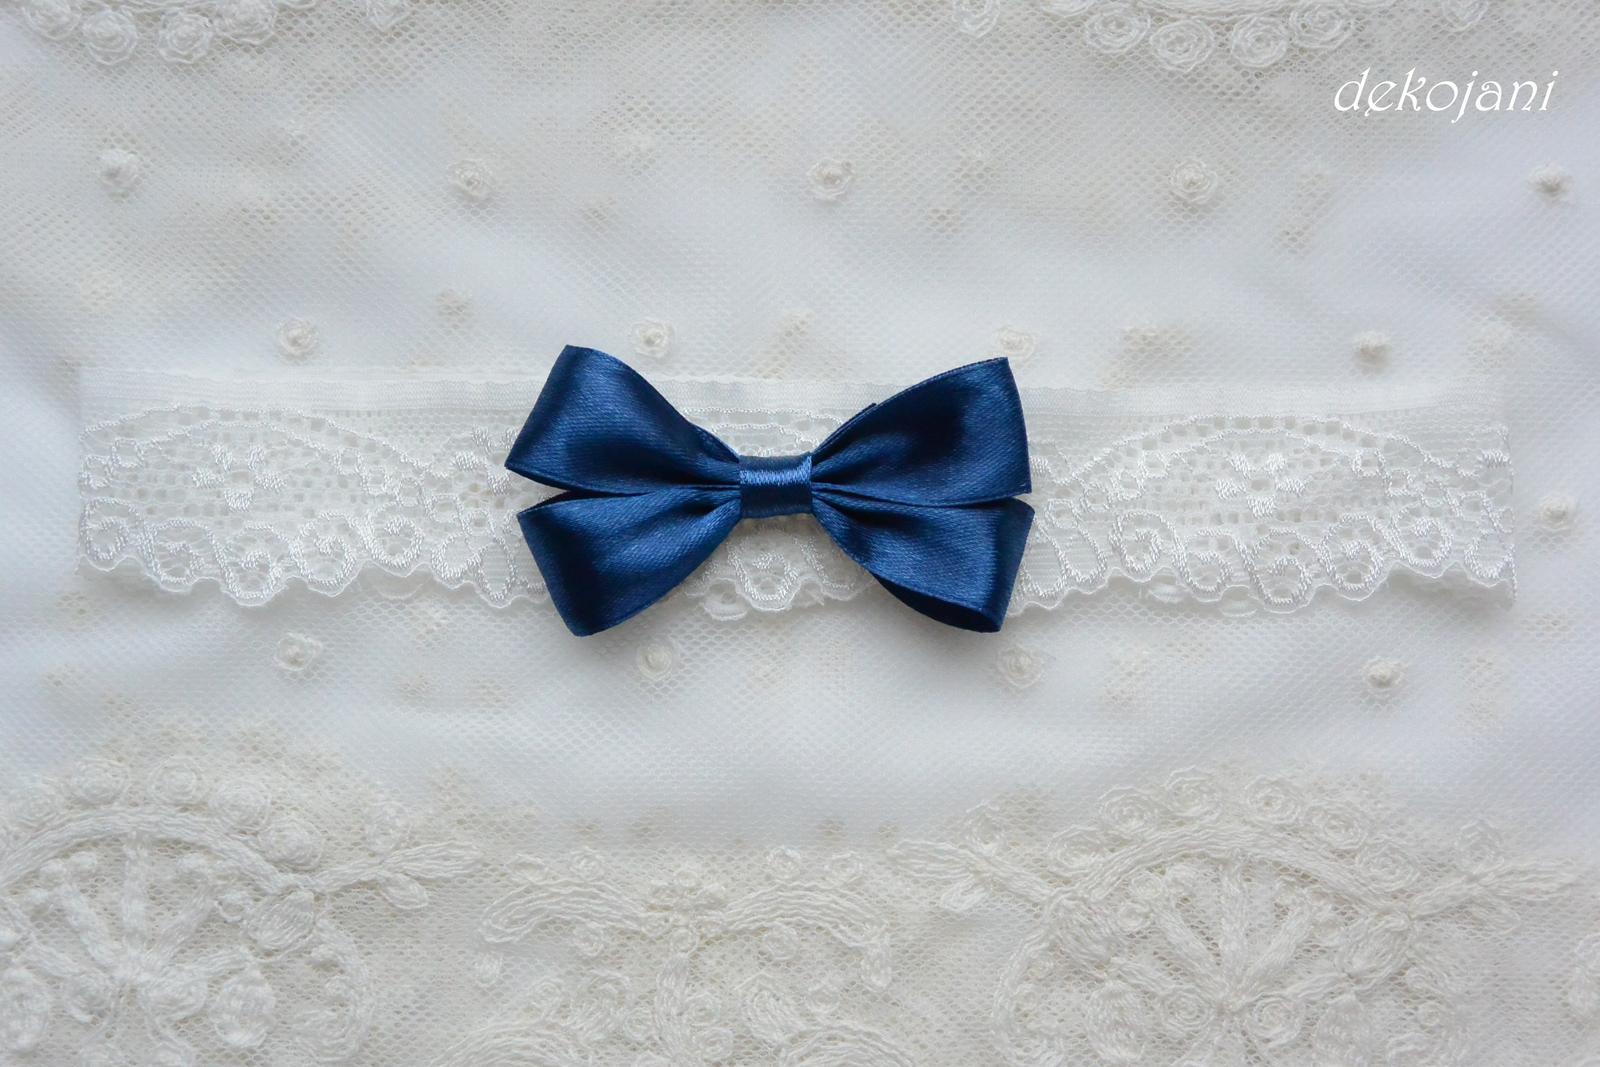 Podvazek námořnicky modrý - Obrázek č. 2